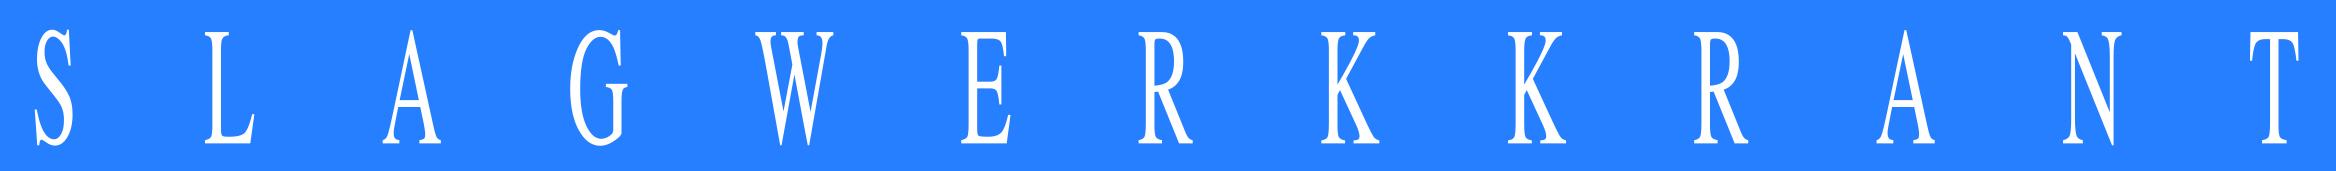 Slagwerkkrant logo #3